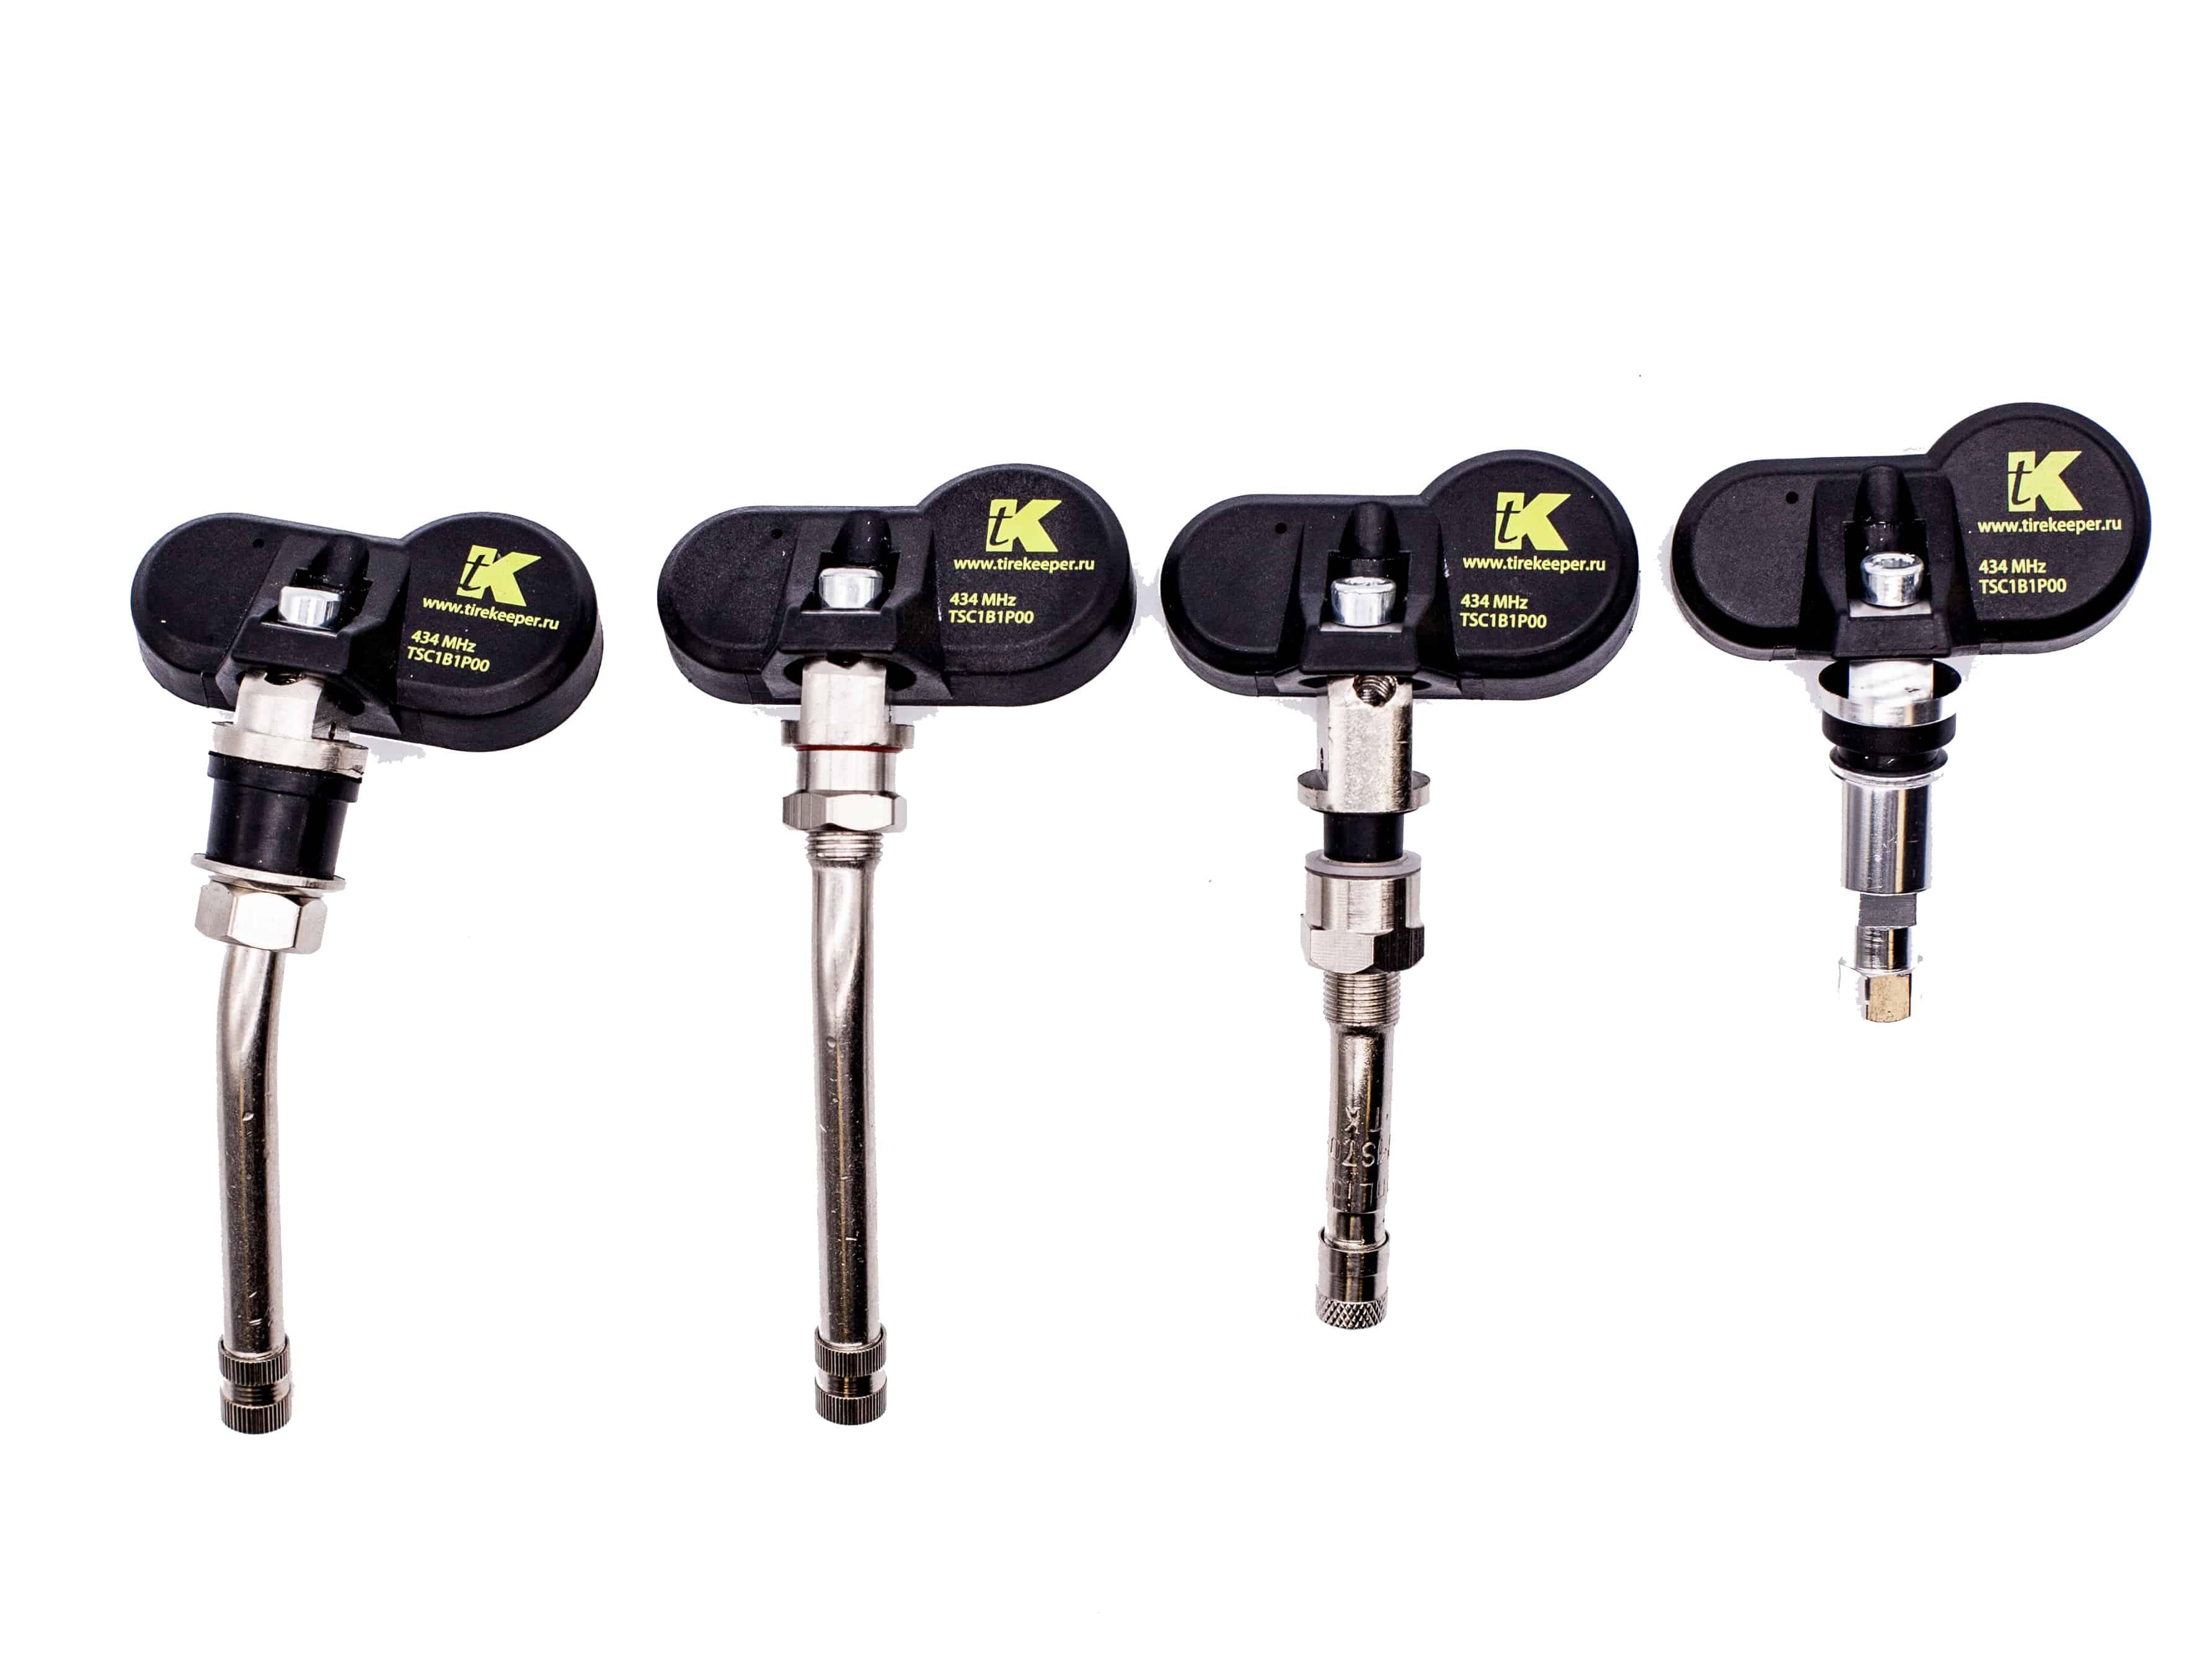 Датчики давления в шинах Tire Keeper One